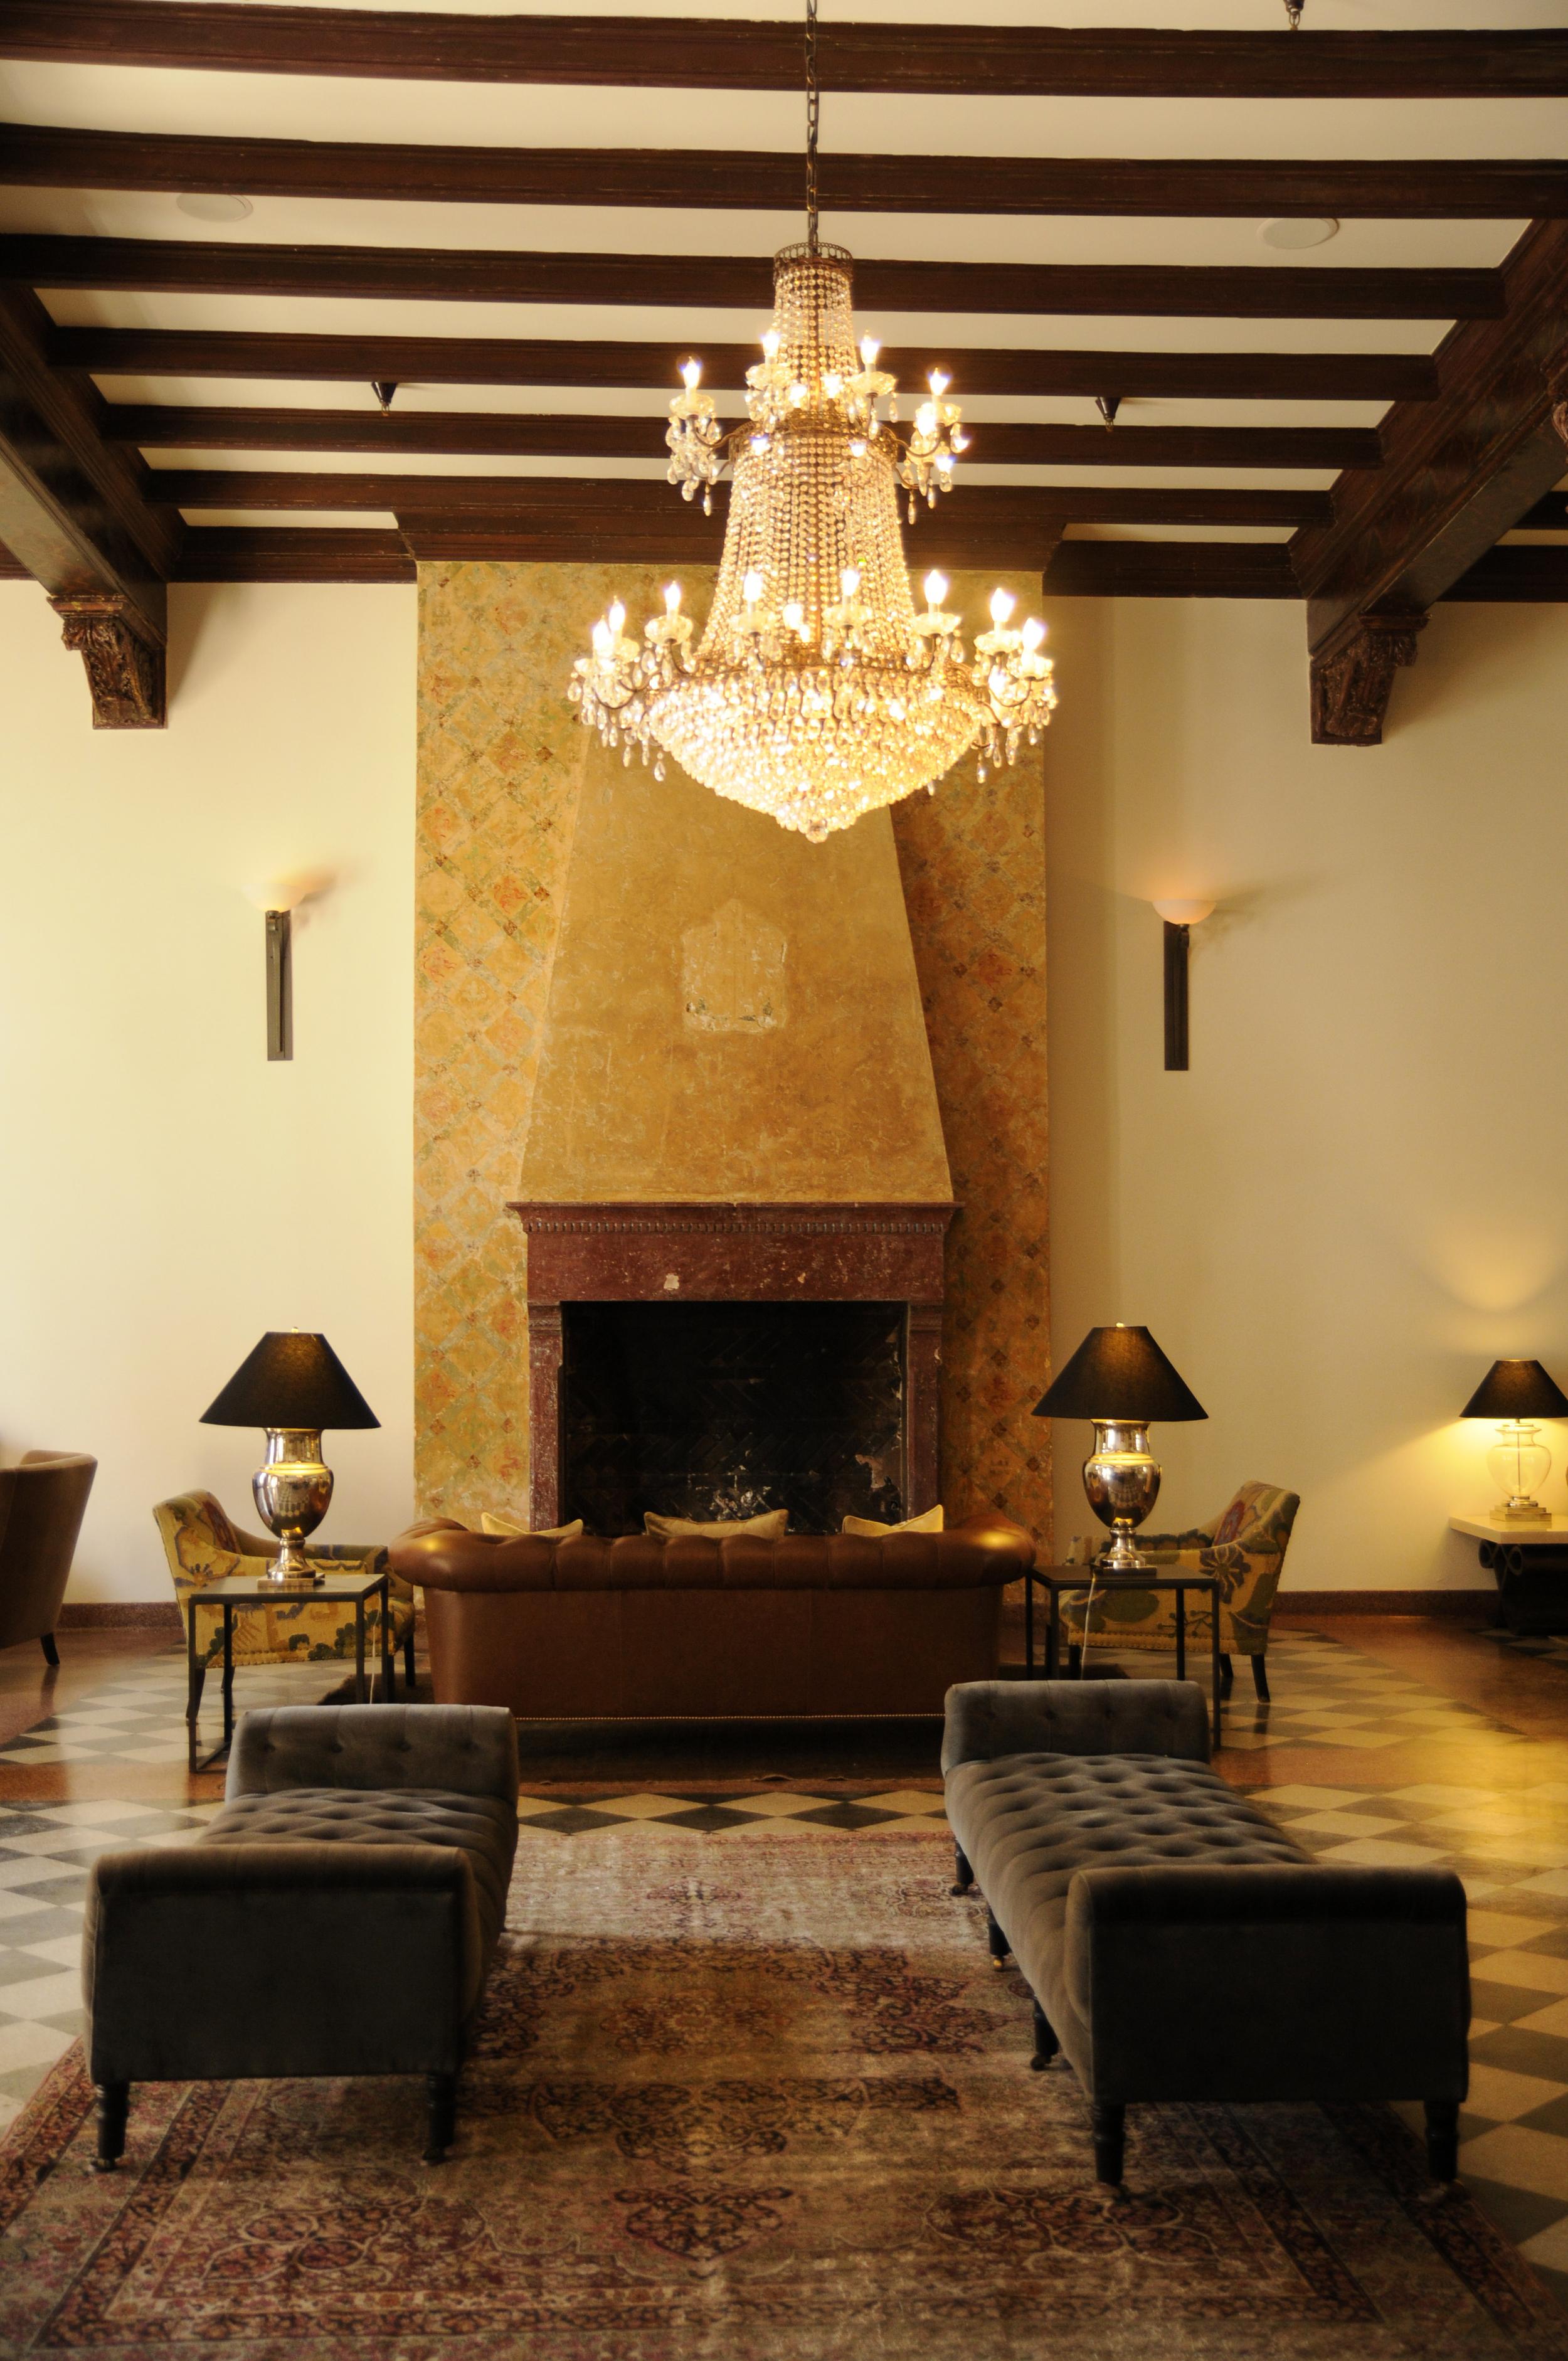 Hotel Normandie's lobby